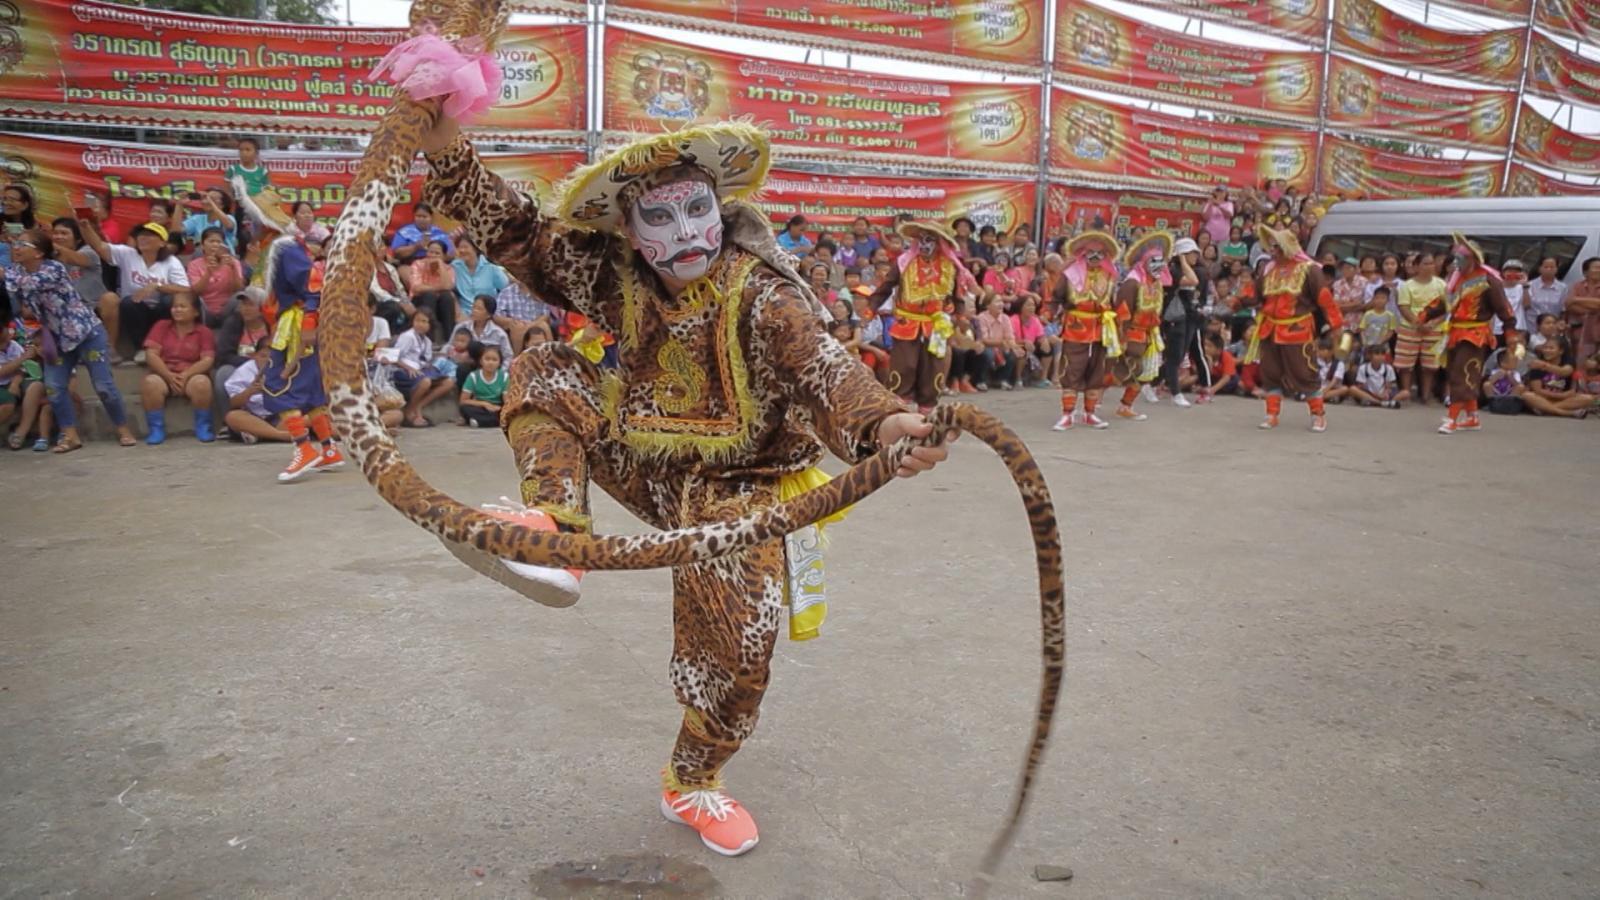 ดูเพลินๆ | เที่ยวไทย ประทับใจที่สุด | เที่ยวให้สุด สมุดโคจร EP.14